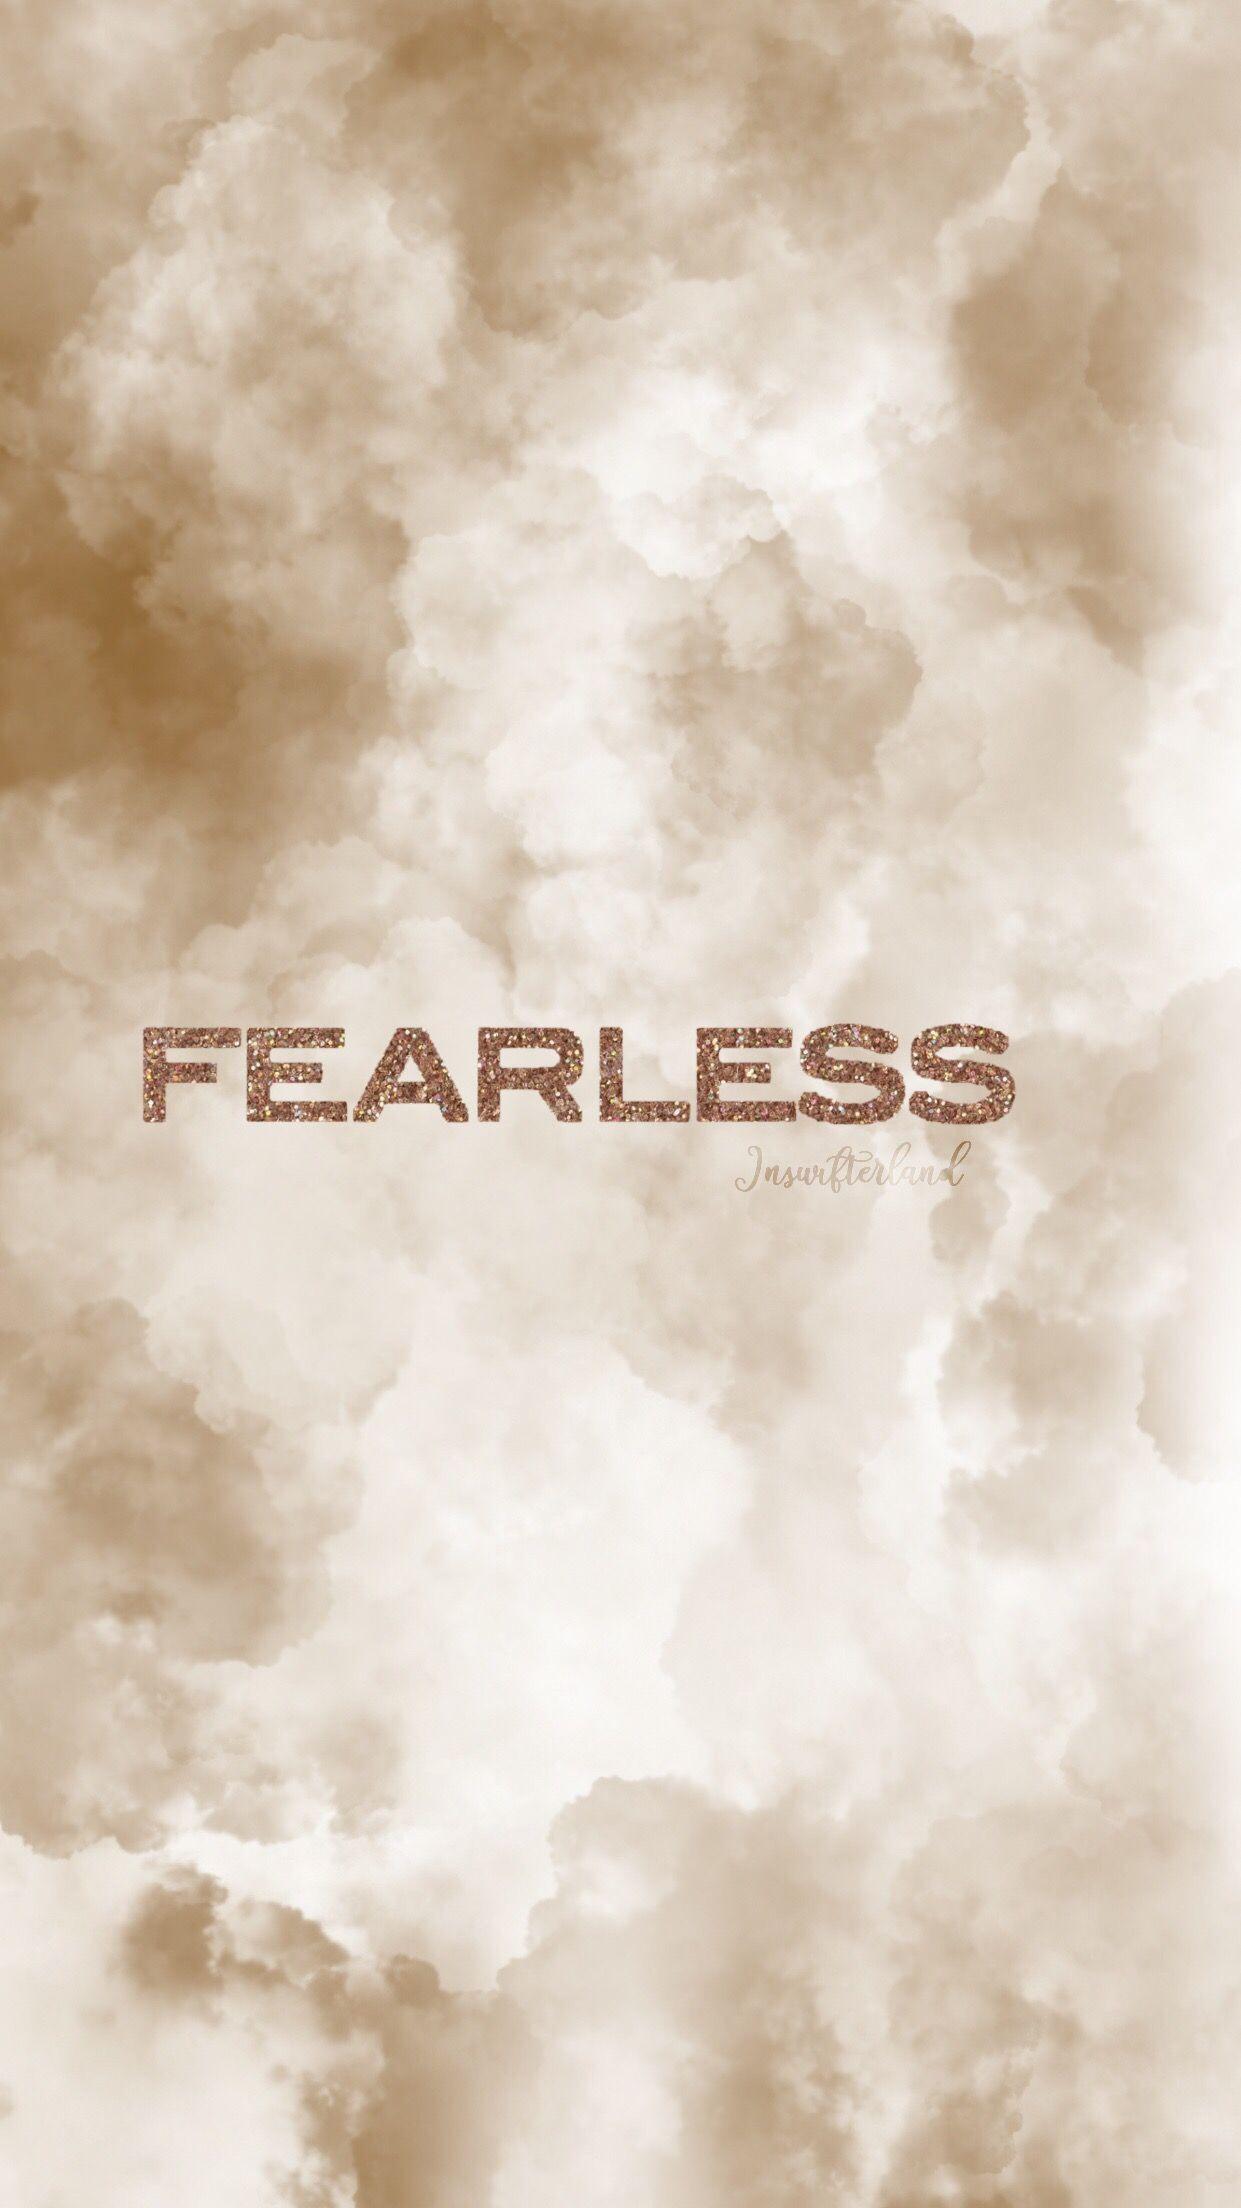 Fearless Wallpaper taylorswift wallpaper iphonewallpaper art 1241x2208